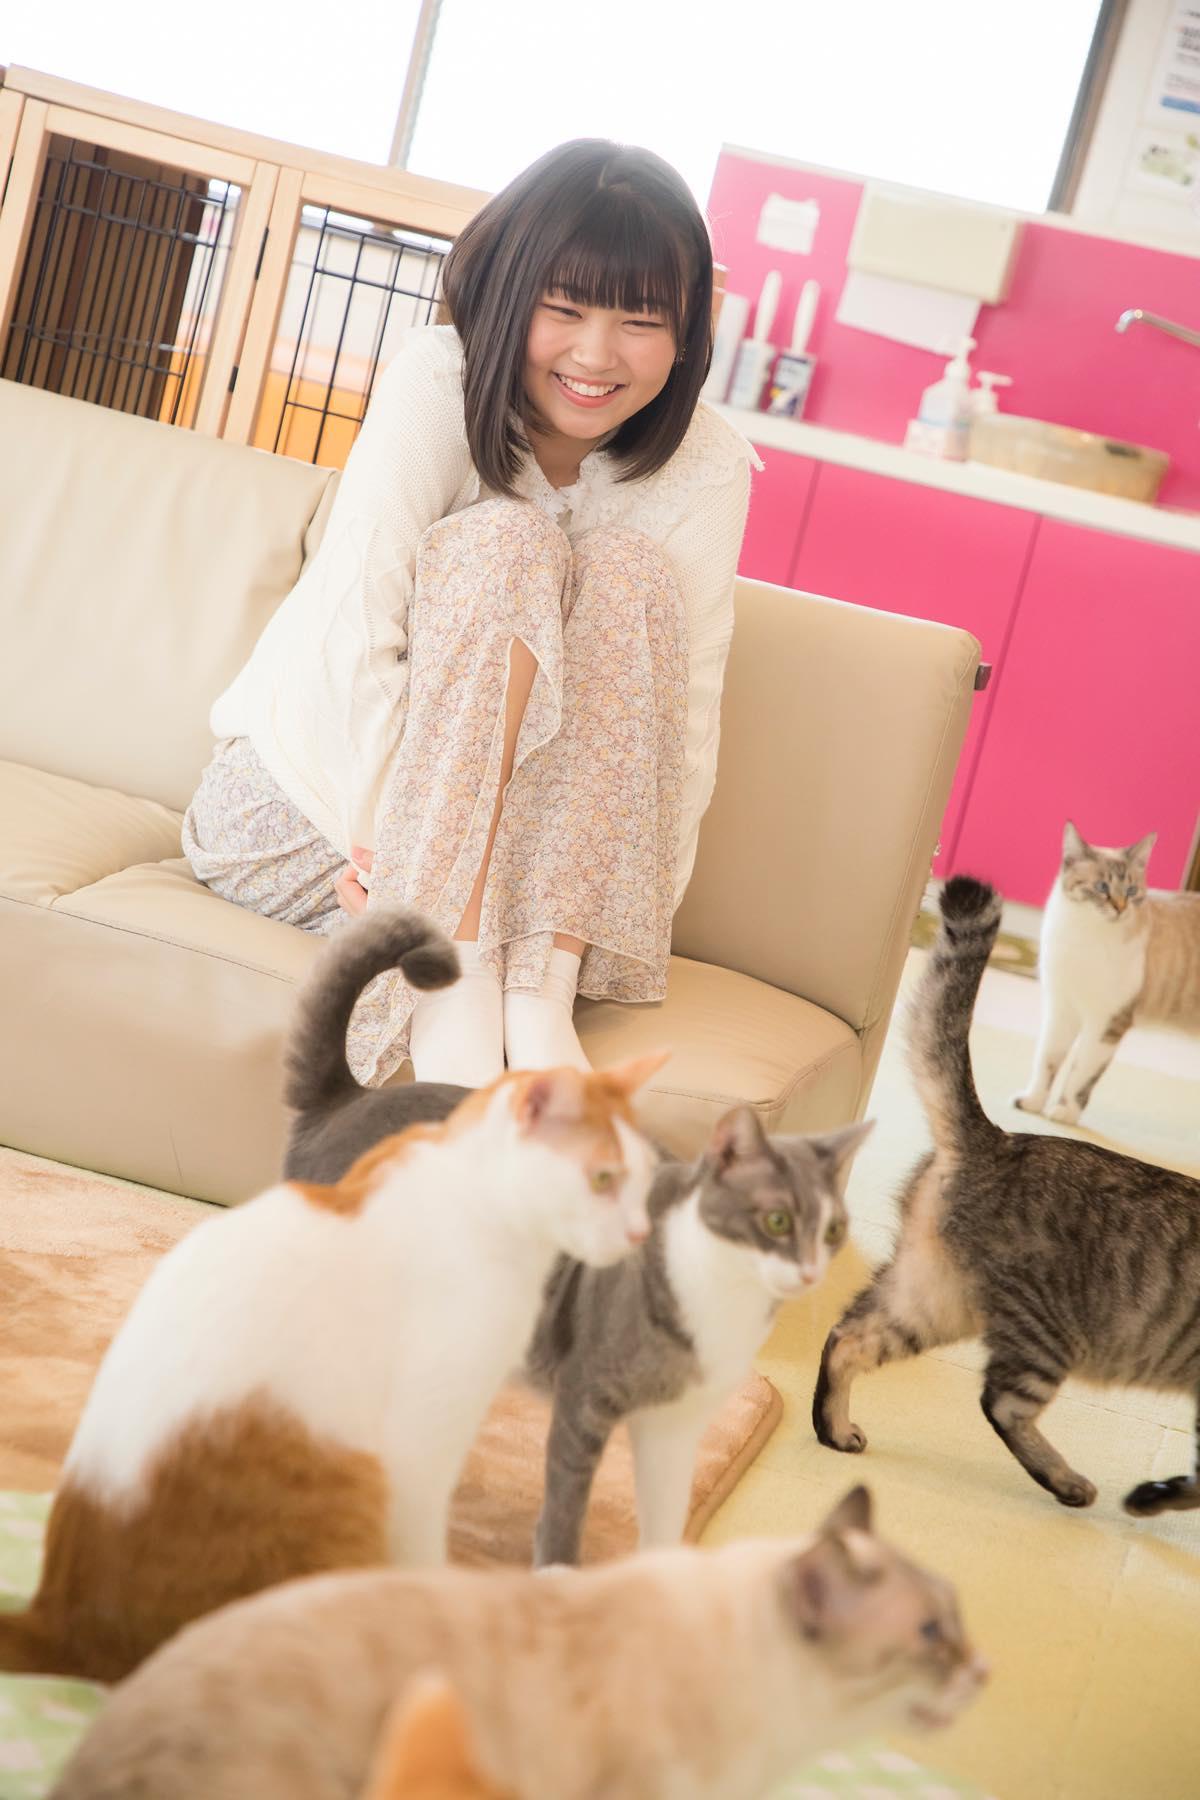 小澤愛実「猫に愛されることはできるのか」【写真48枚】【連載】ラストアイドルのすっぴん!vol.19の画像019